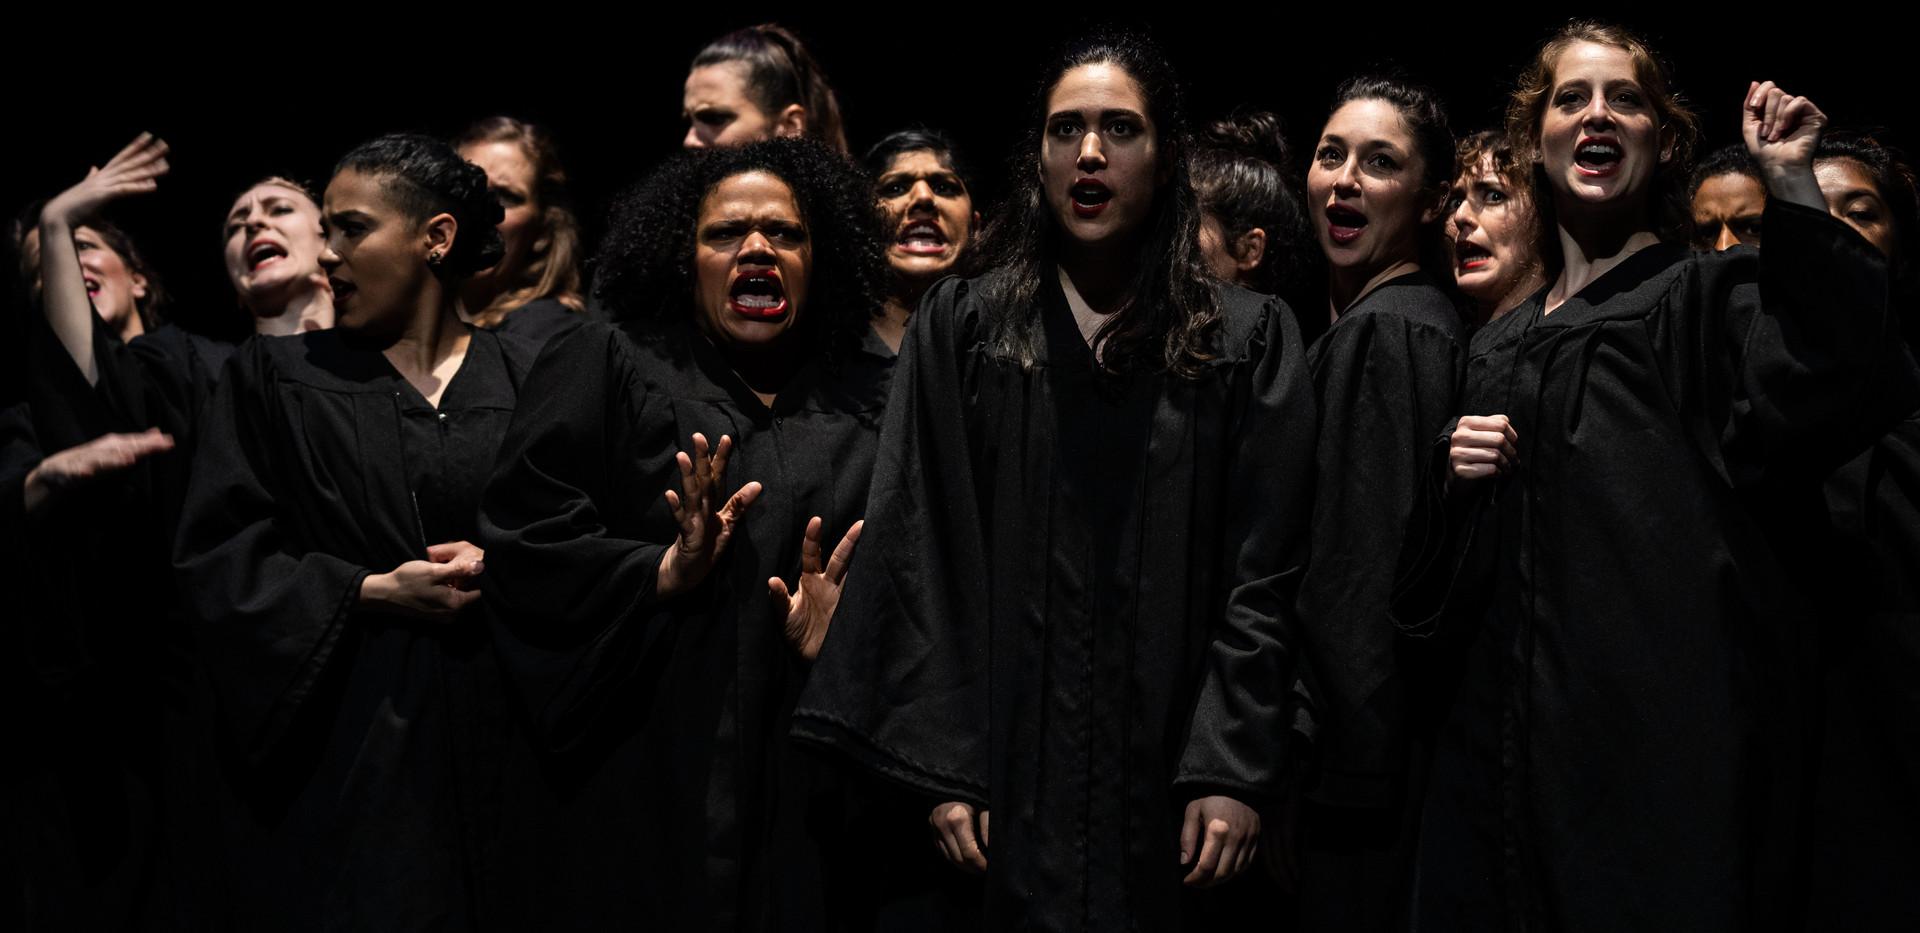 resized image for Vimeo banner 9.18.19.j